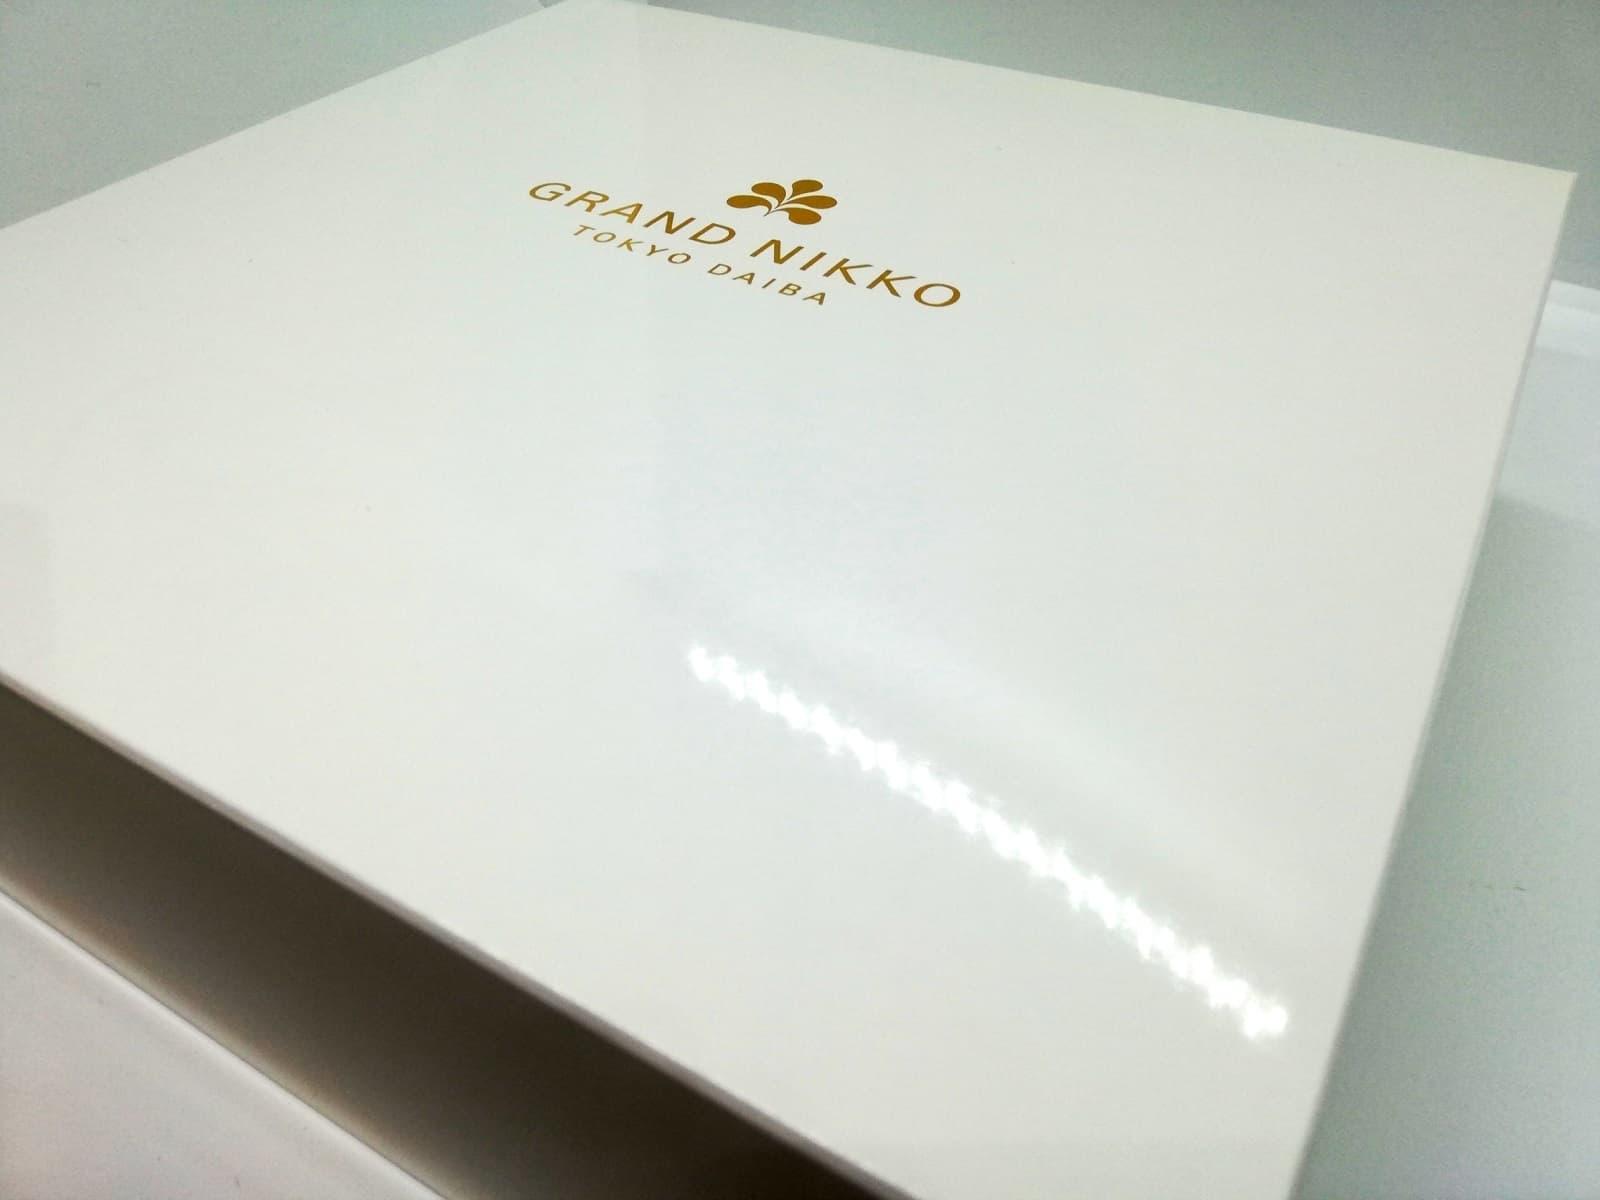 グランドニッコー東京 台場のアップルパイの箱